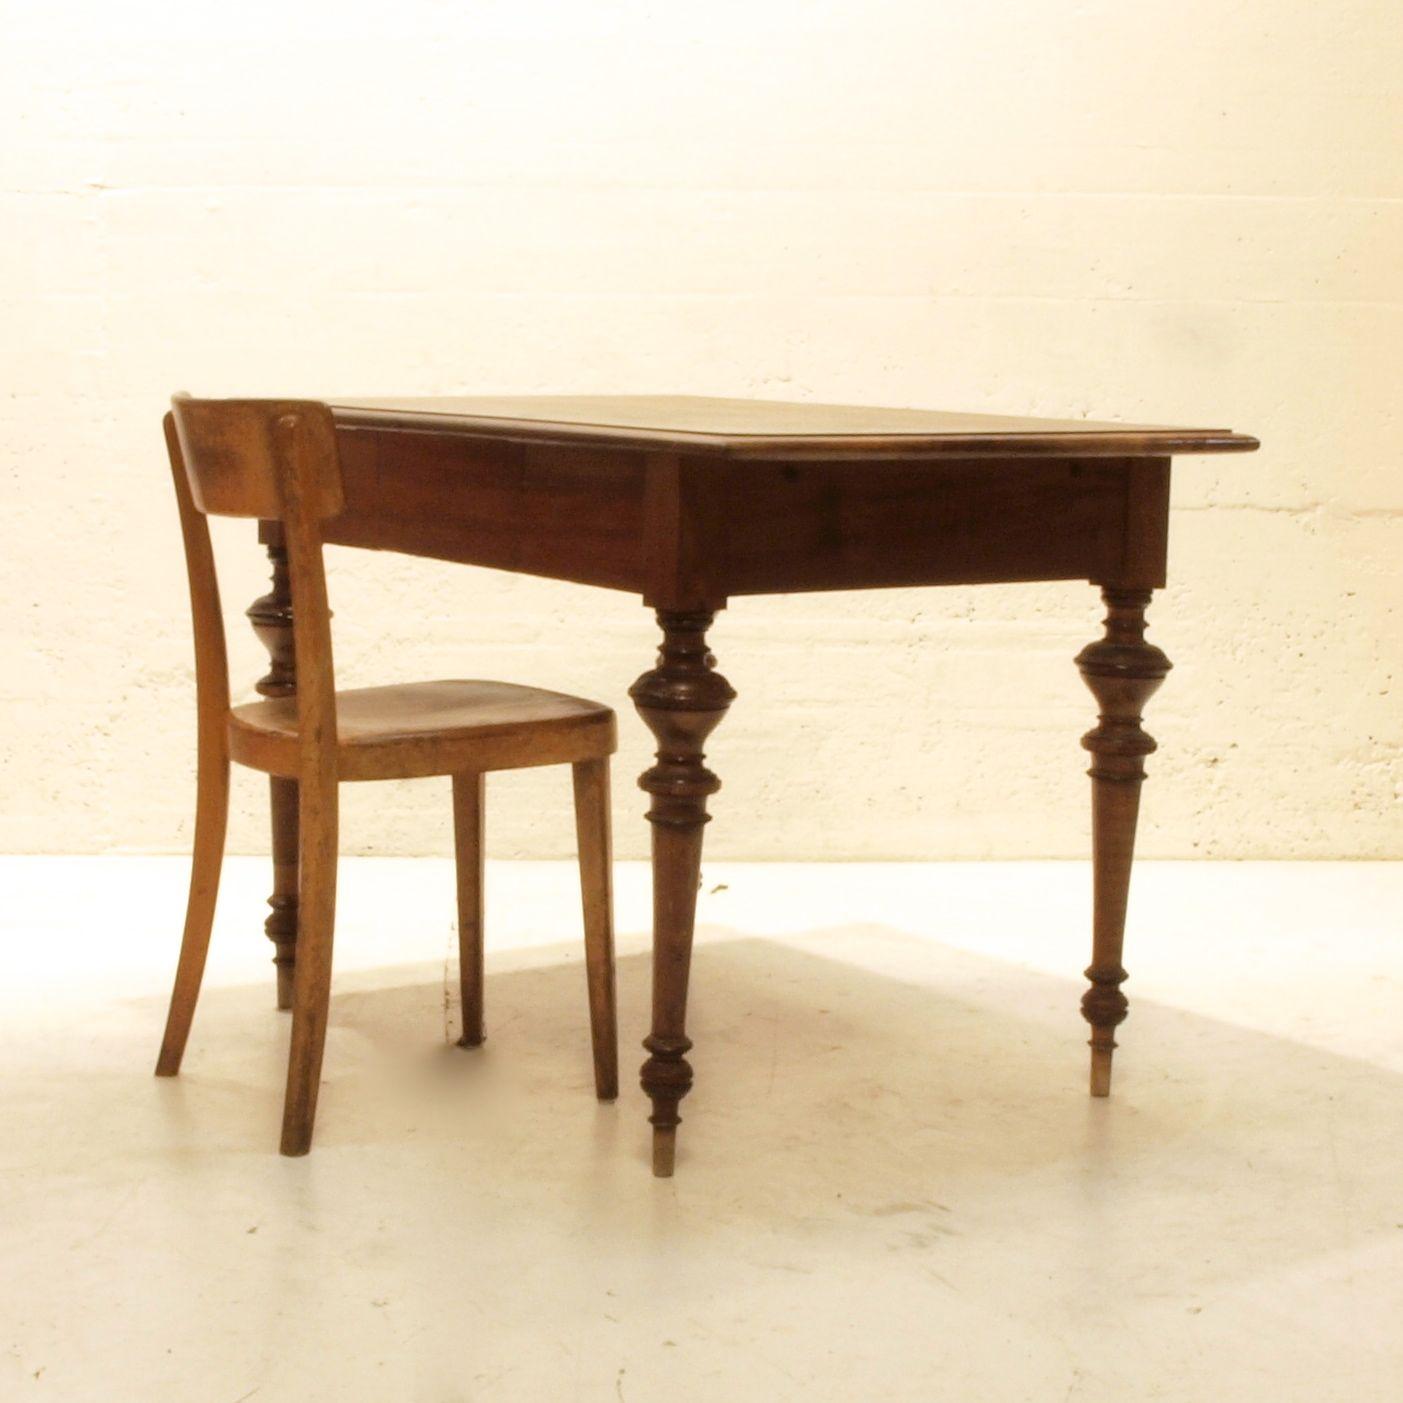 nussbaumtisch mit schublade m bel z rich vintagem bel. Black Bedroom Furniture Sets. Home Design Ideas